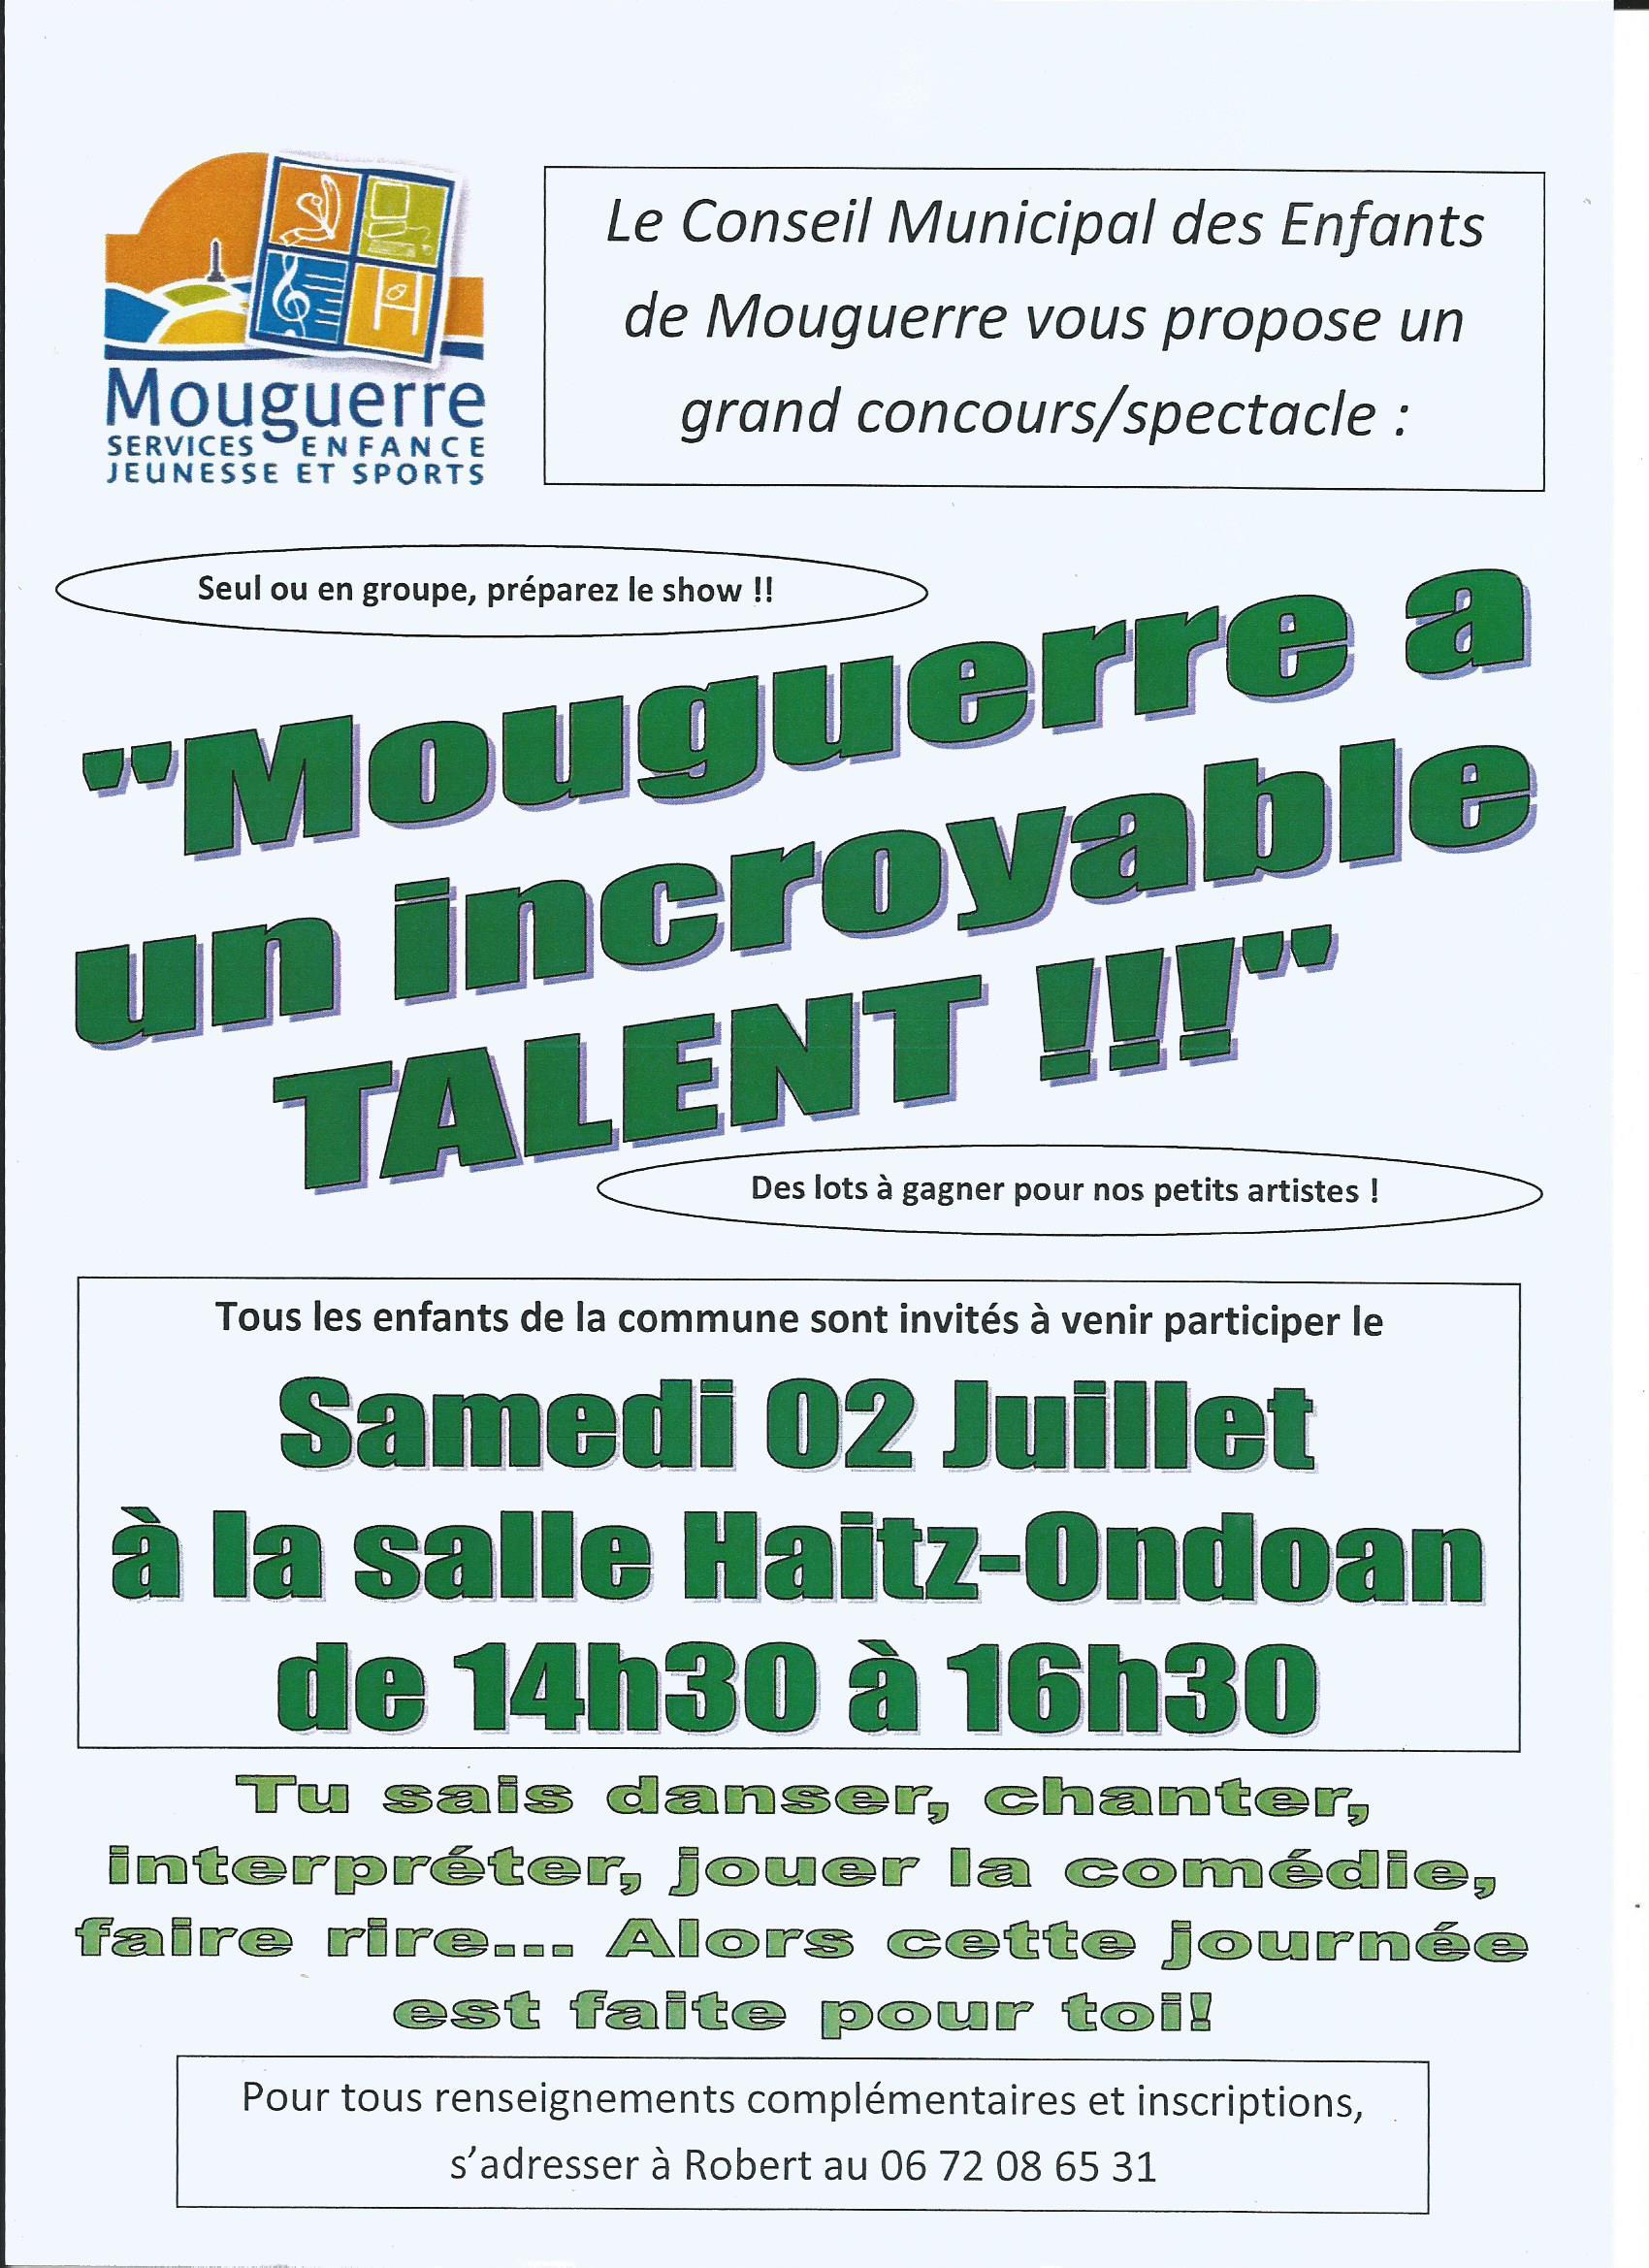 Mouguerre Jeunesse : Spectacle: «Mouguerre a un incroyable talent»